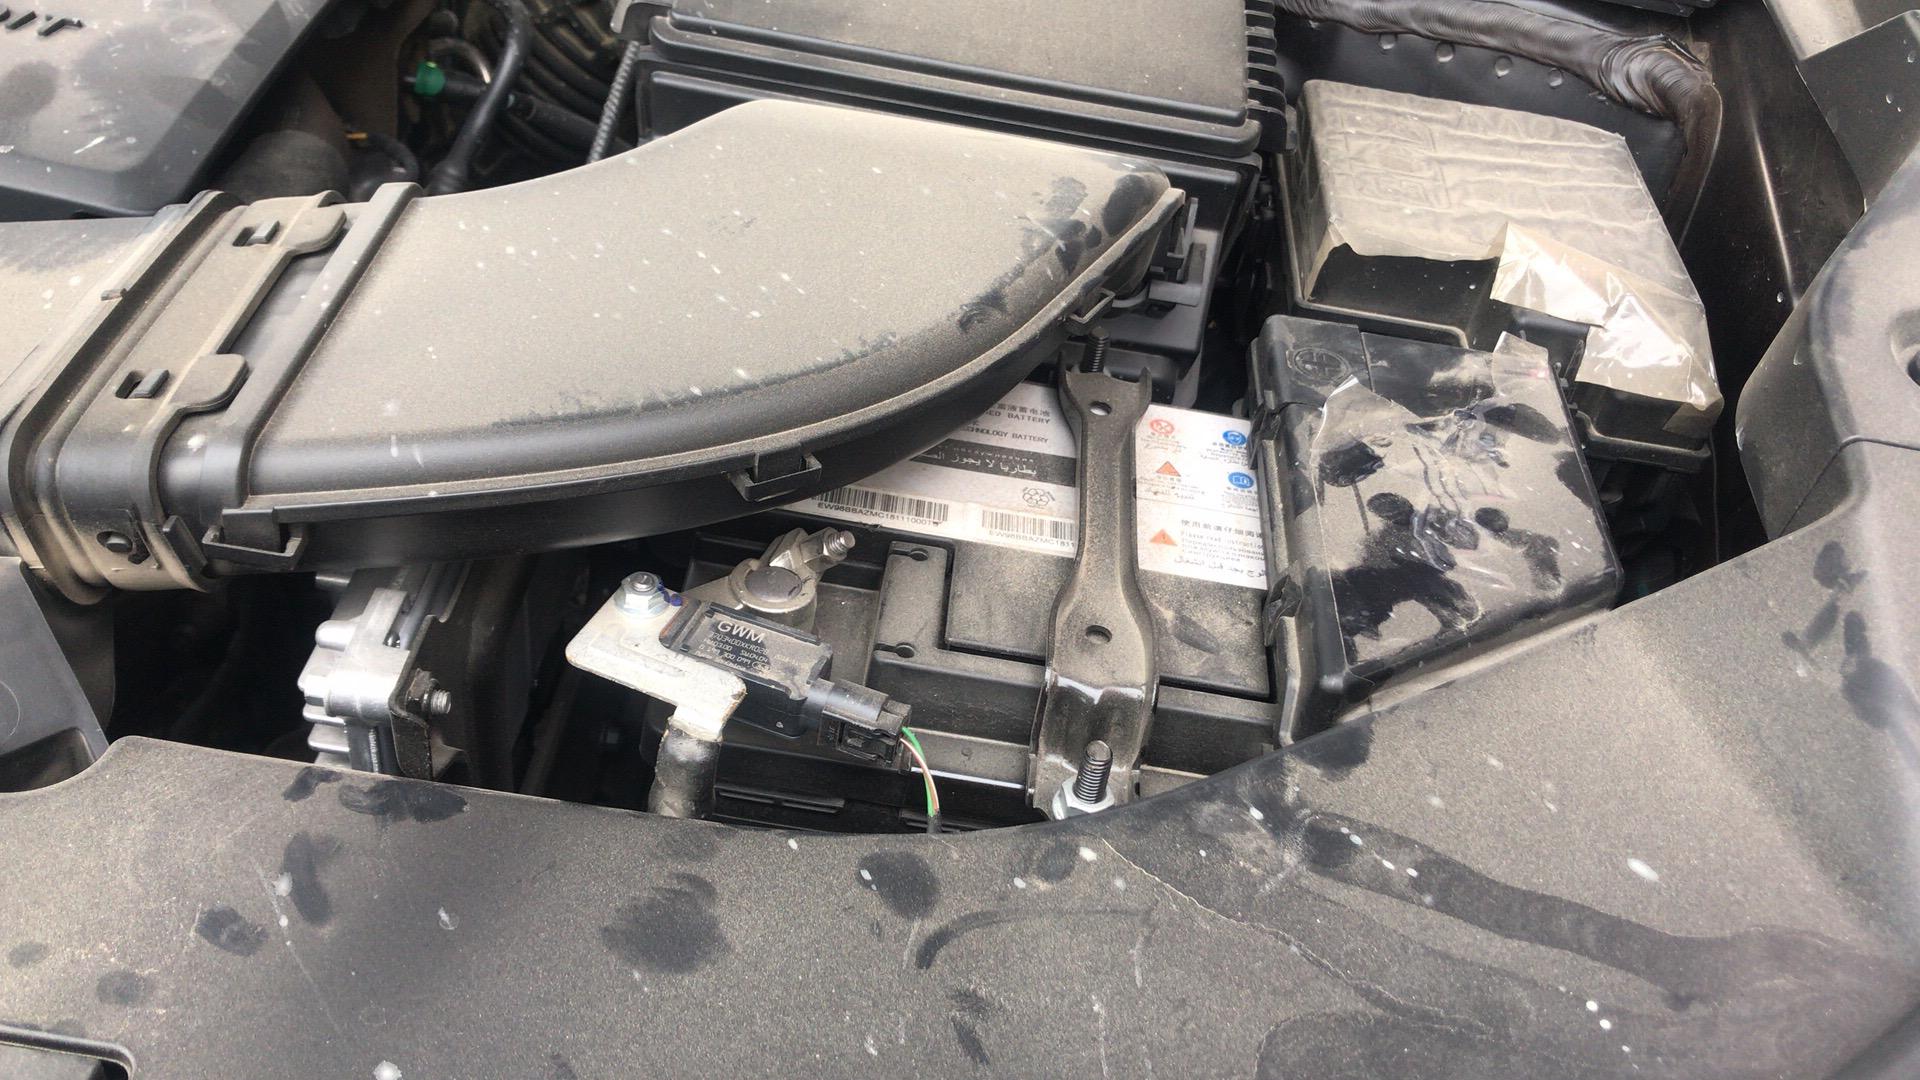 哈弗-H6在质保范围之内要求更换原装电池